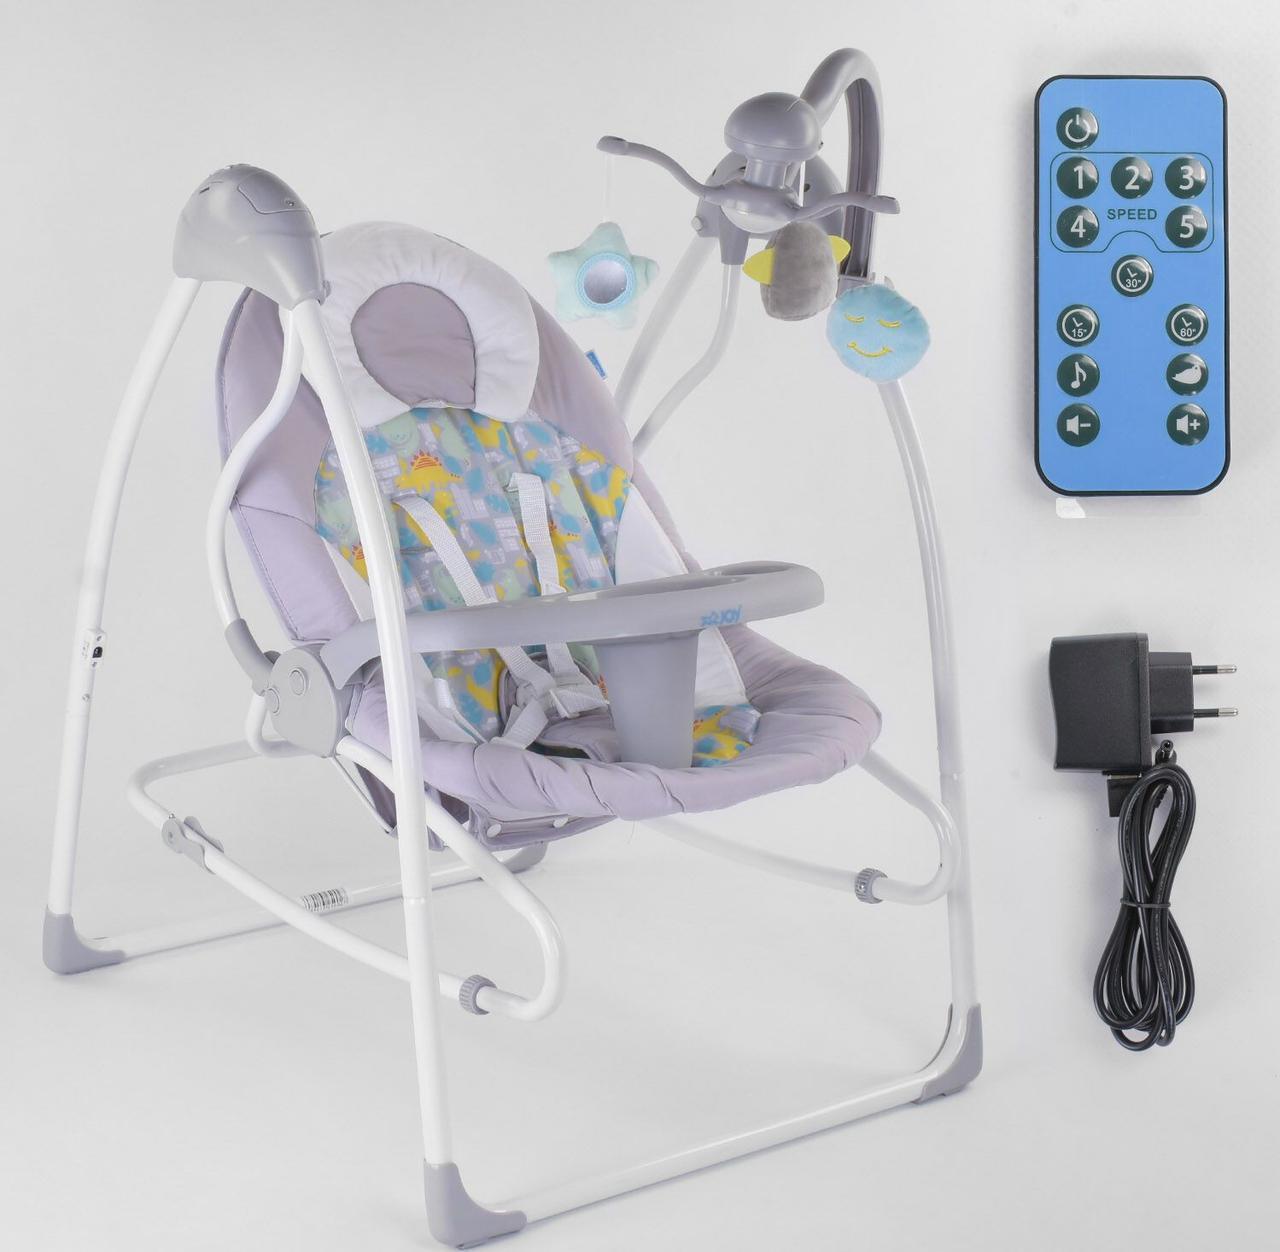 Детские укачивающие качели-шезлонг для новорожденных JOY 3в1 CX-25405, с пультом и съемным столиком, серый